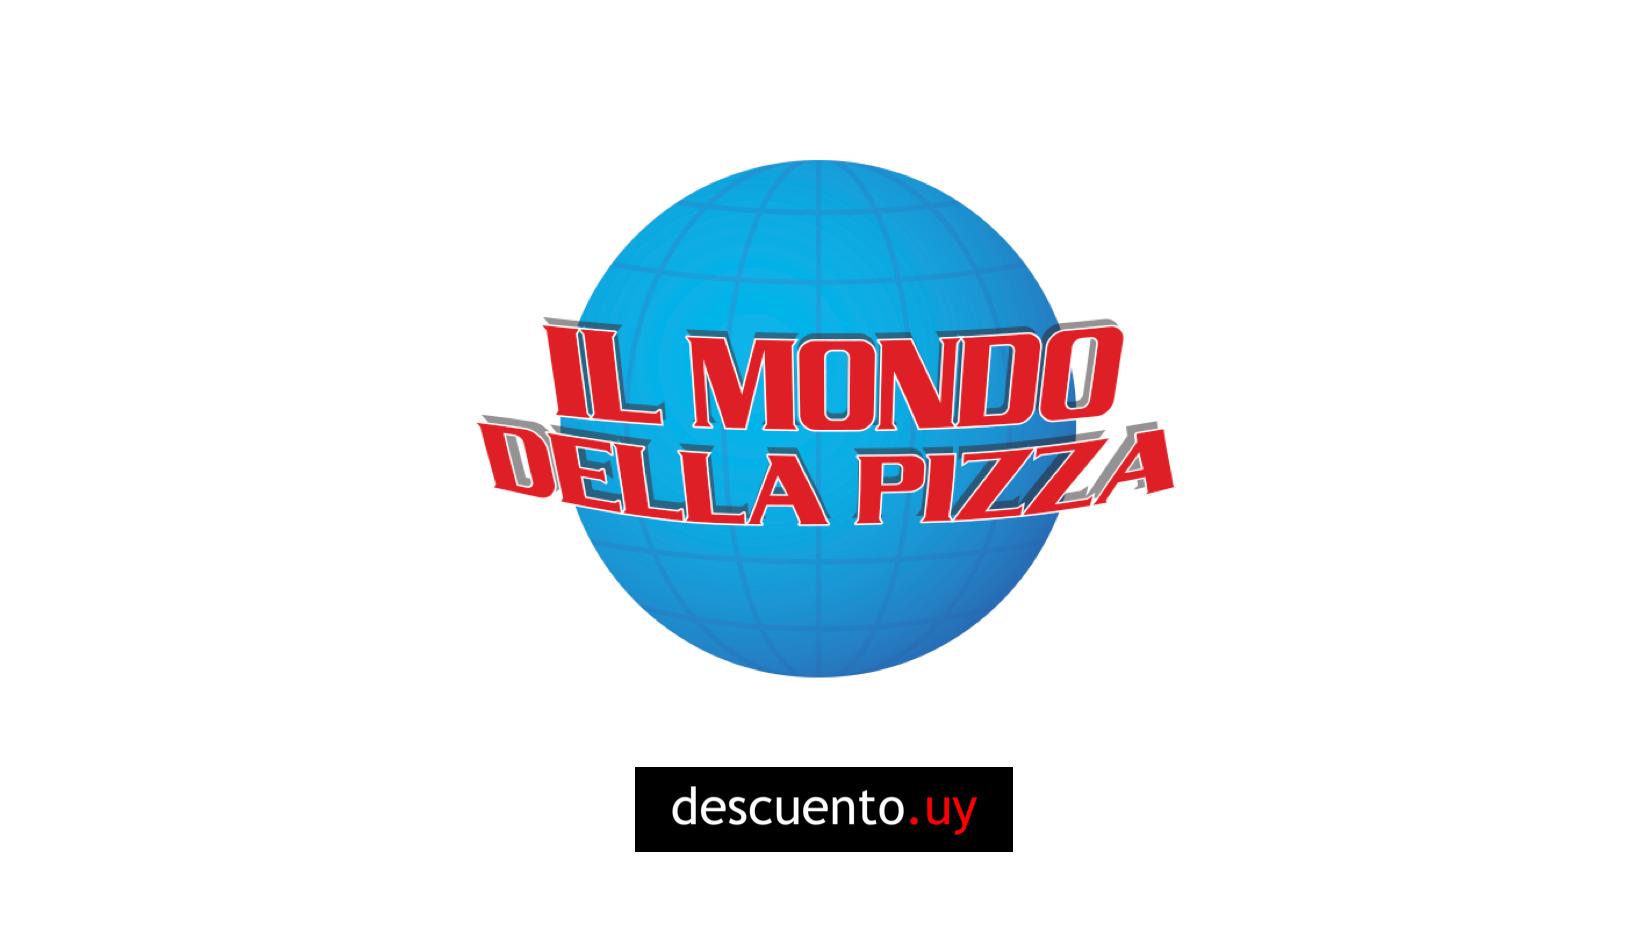 Descuentos en Il Mondo Della Pizza